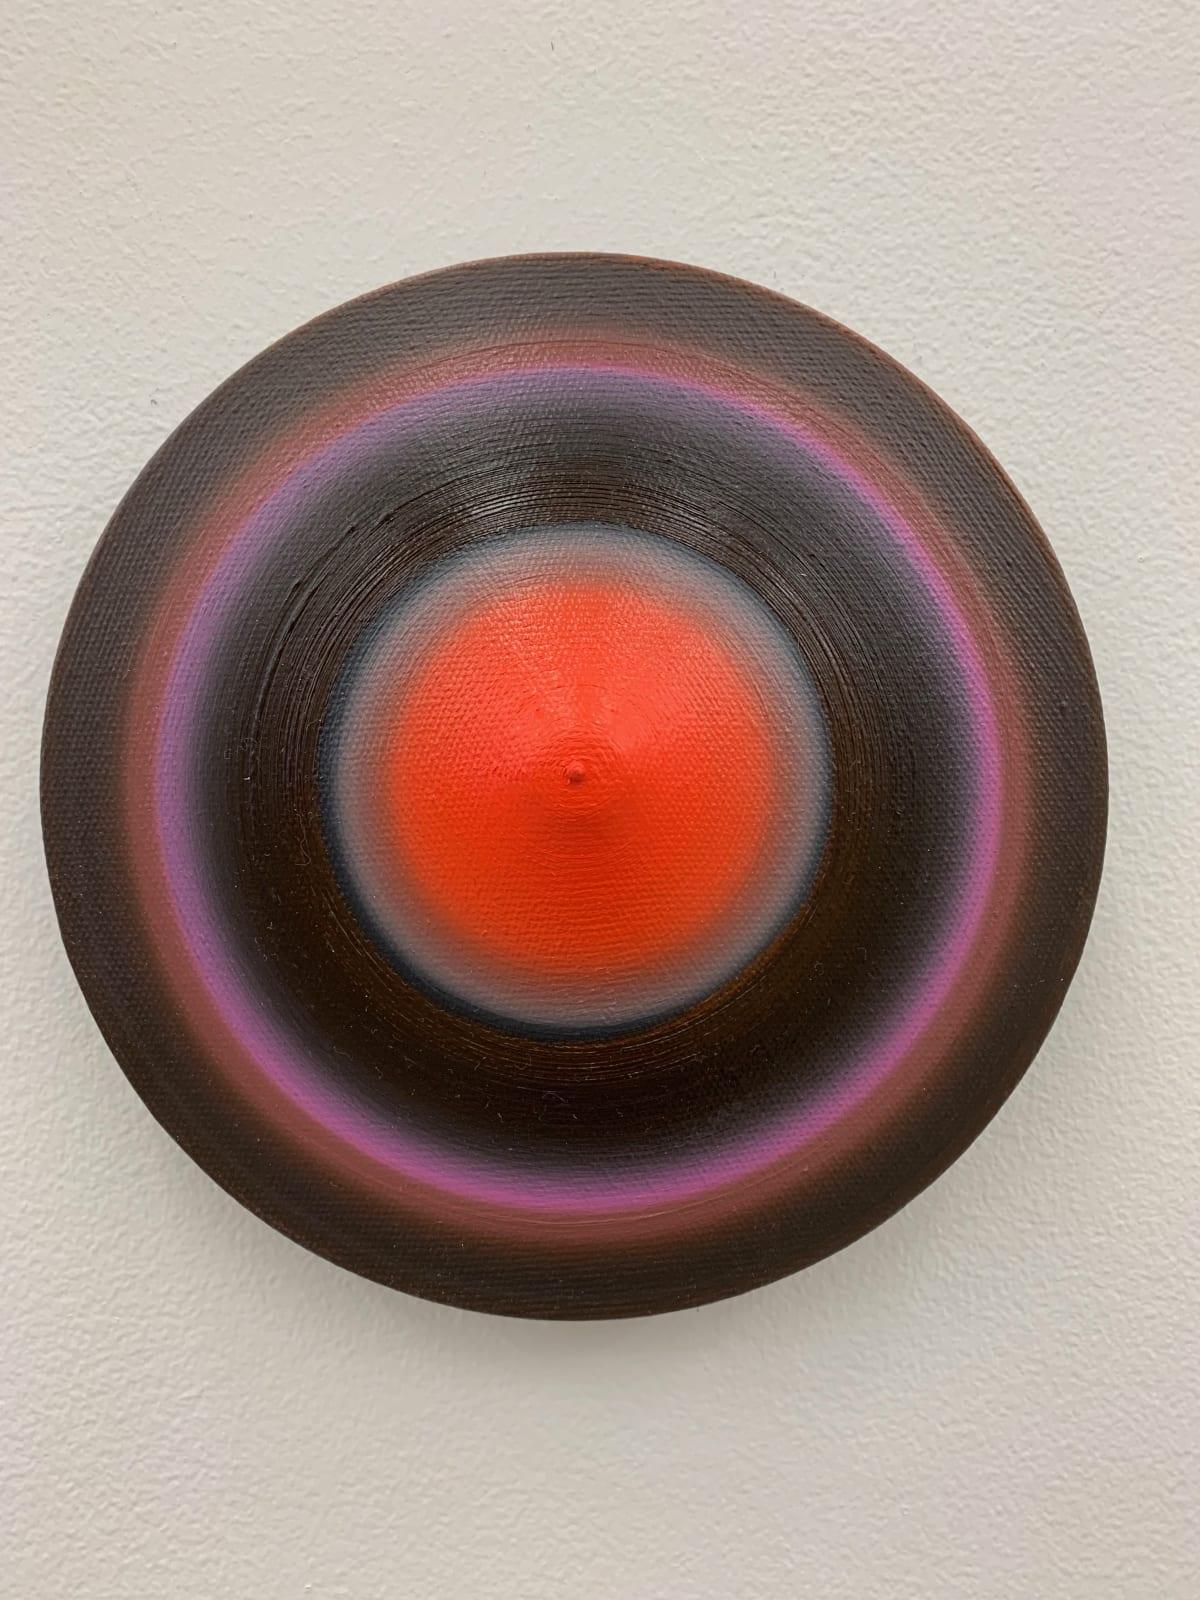 Marion Borgelt Luminous Void: Piece No 12, 2019 oil, canvas, timber, 3D element 18cm ø x 4cm